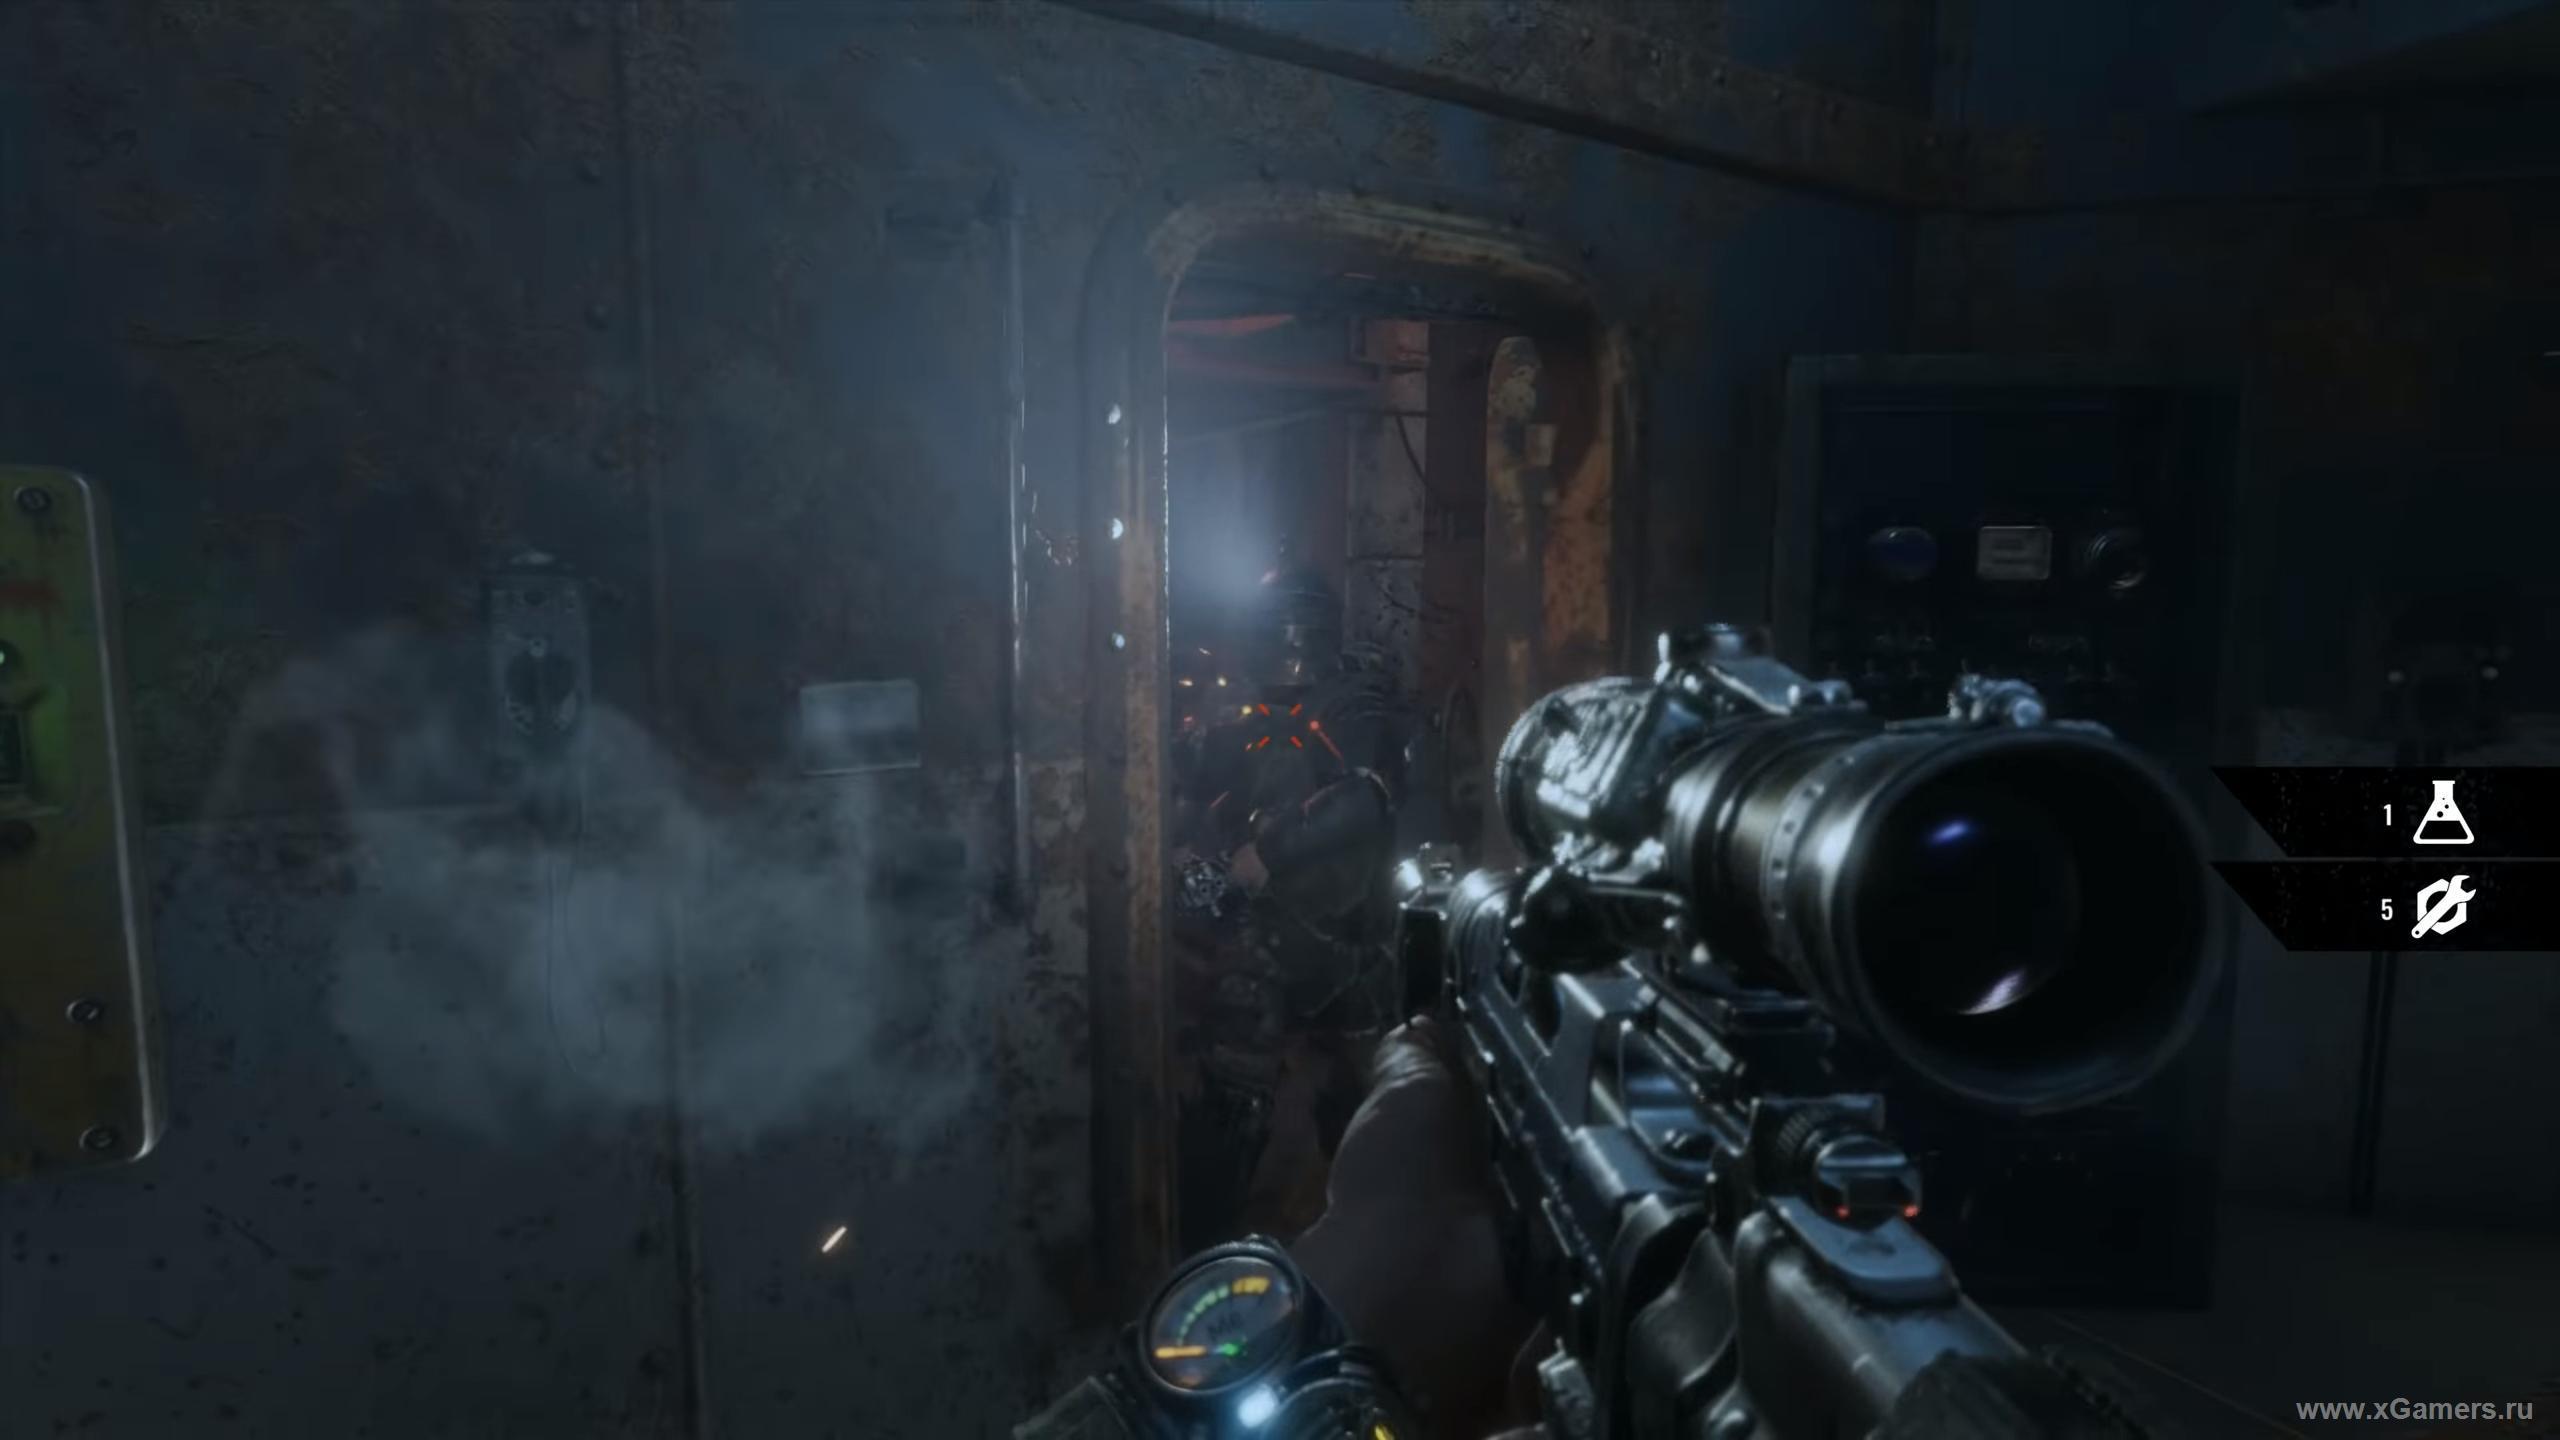 Босс вооруженный пулеметом и с хорошей броней - Metro Exodus